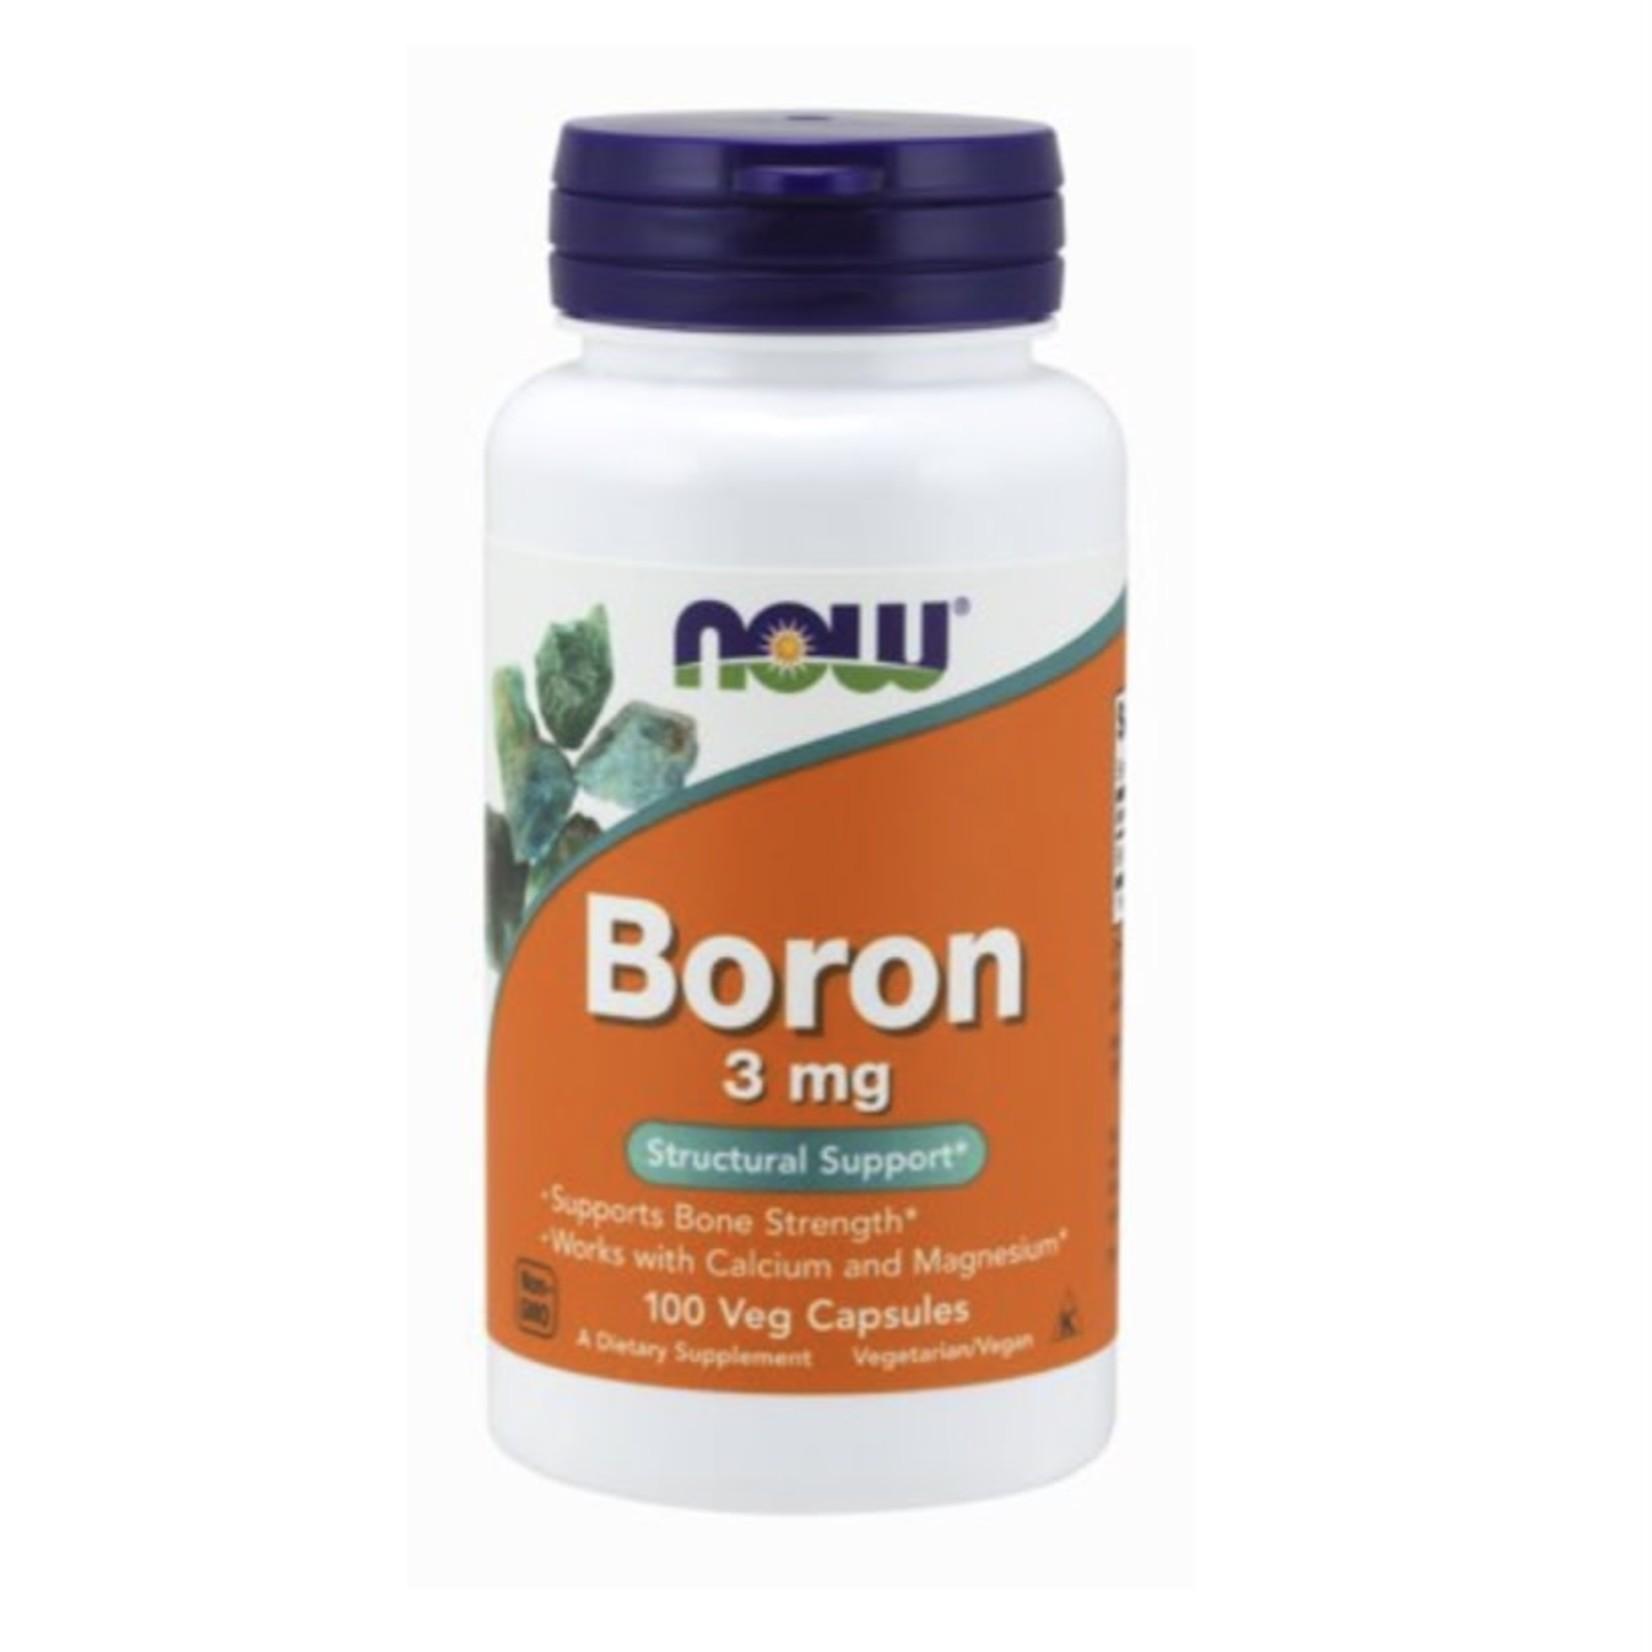 Now Now Boron 3mg 100 caps